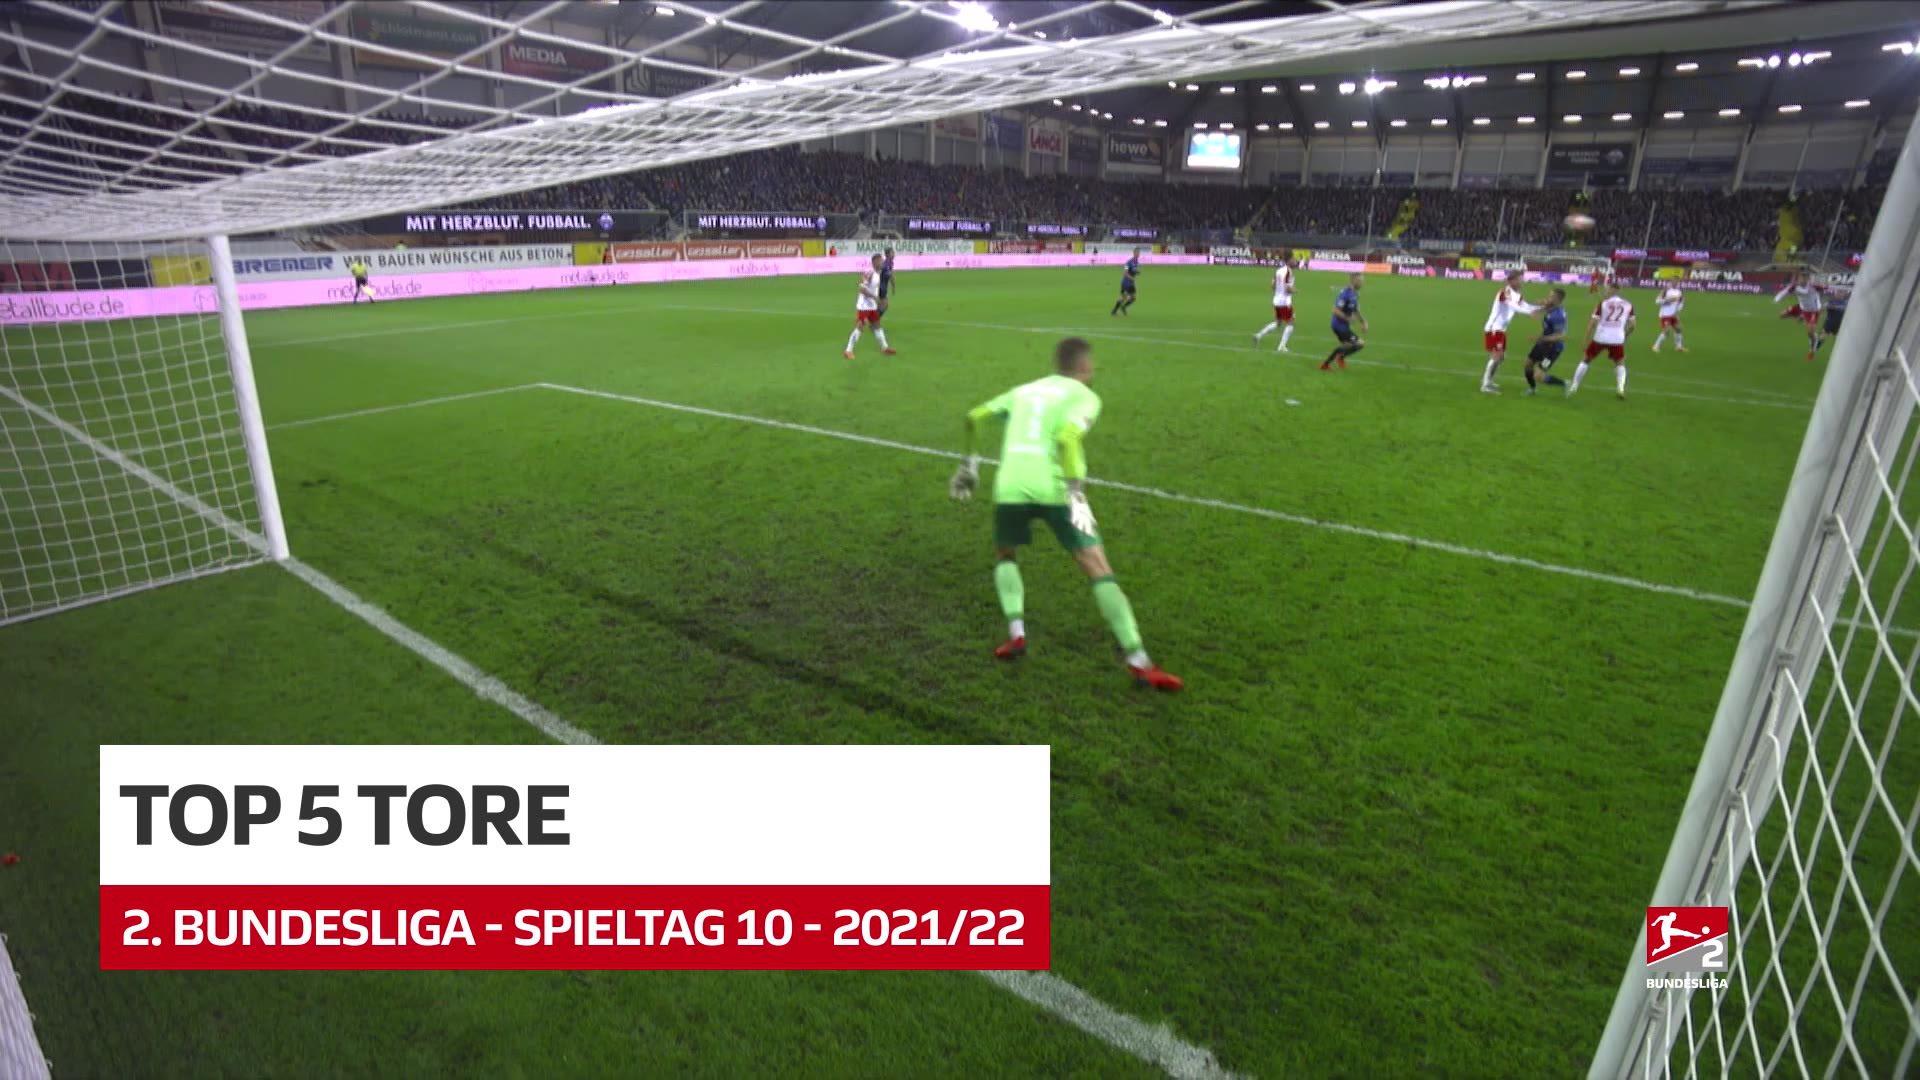 2. Bundesliga: Fünf Top-Tore des 10. Spieltags